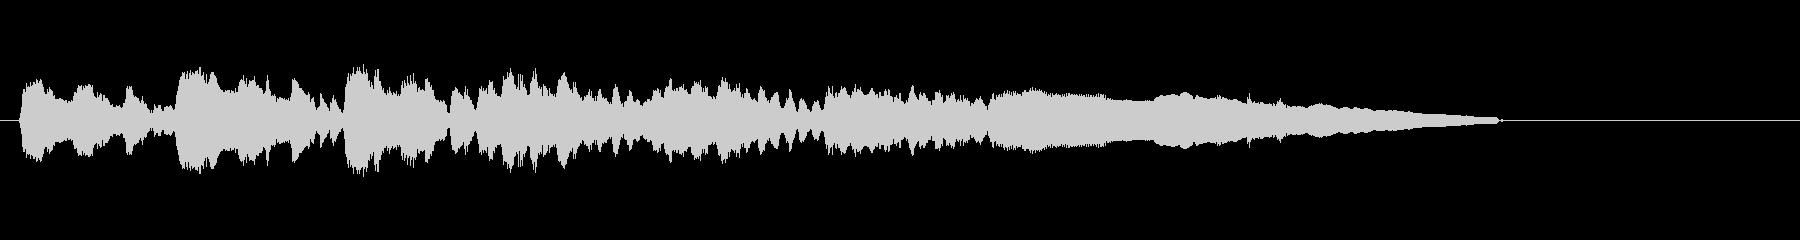 テーマ2:WOODWINDSの未再生の波形